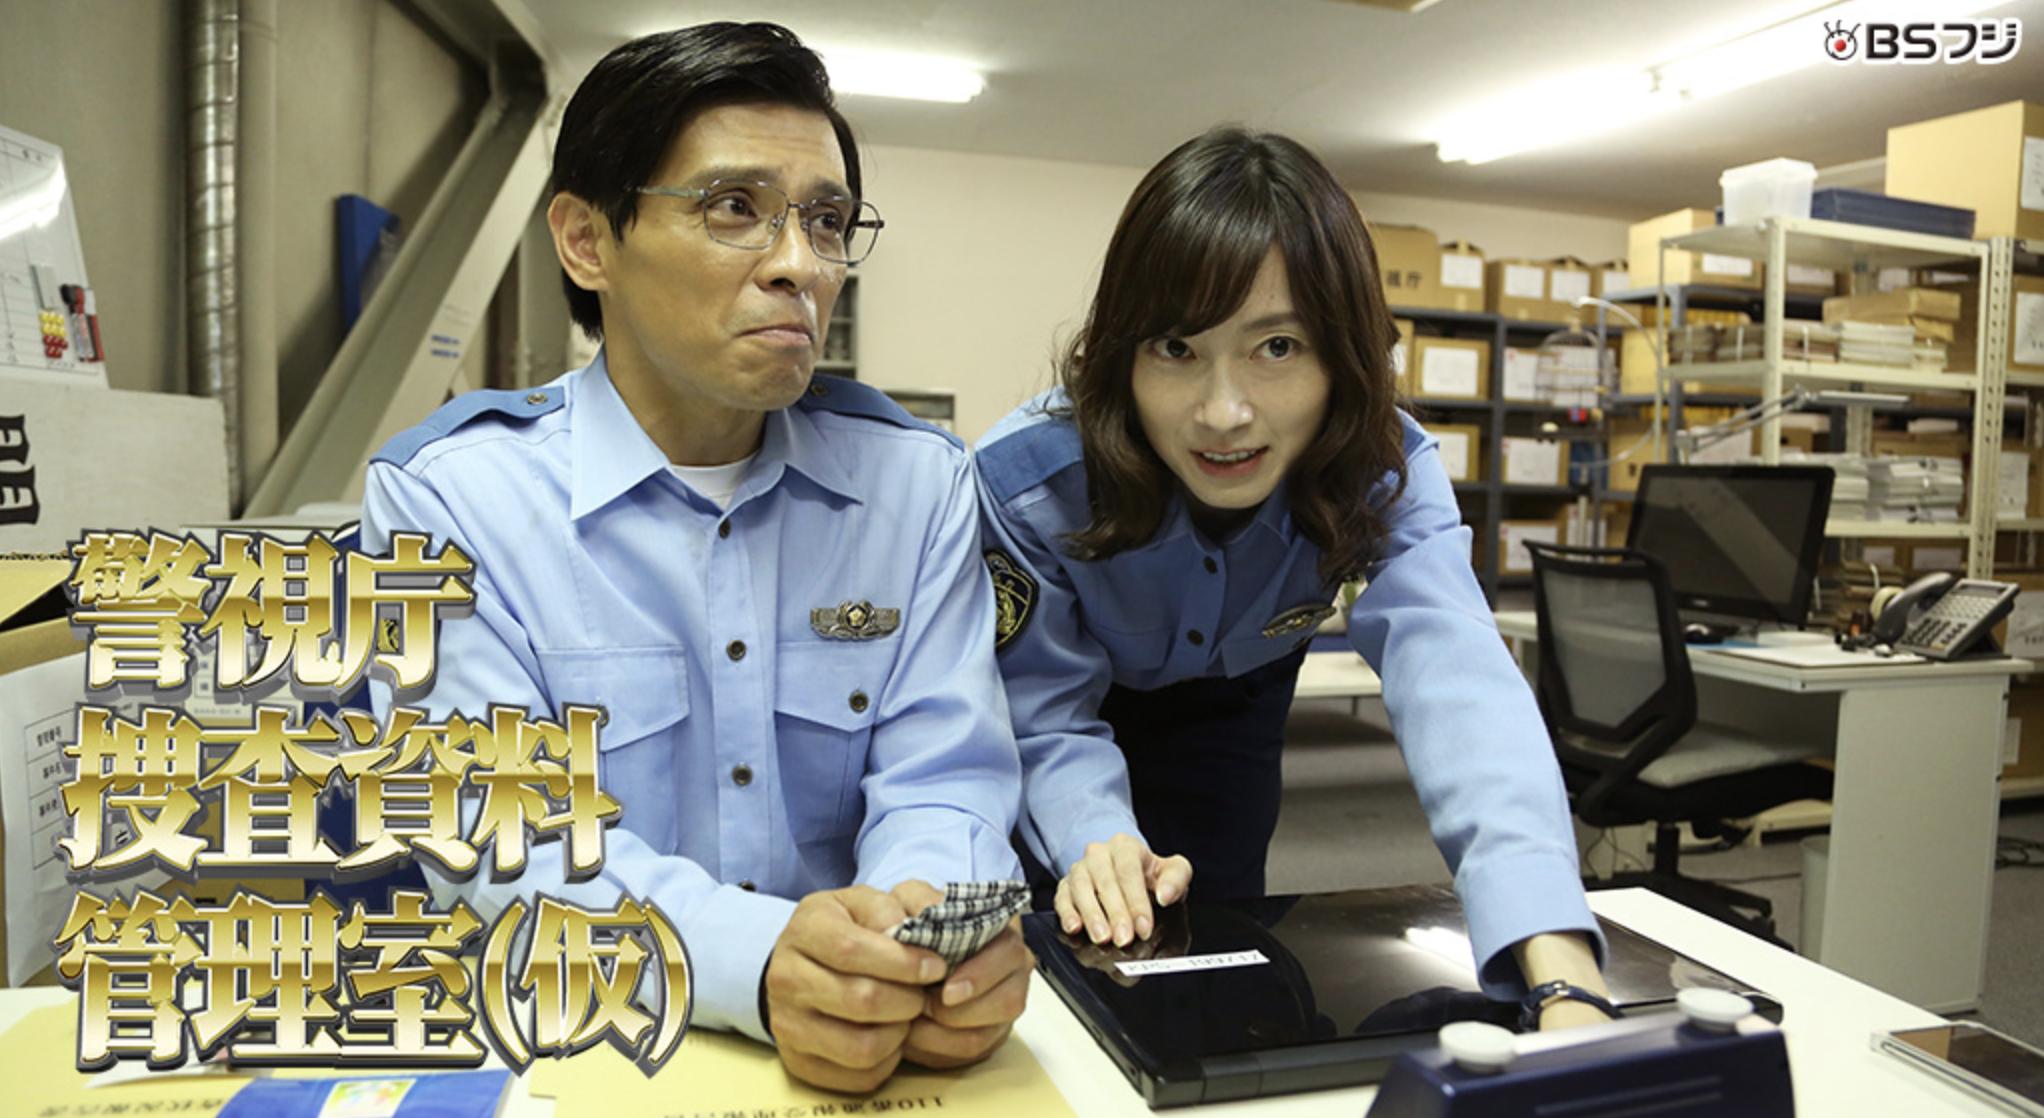 警視庁捜査資料管理室(仮)はどれで配信してる?